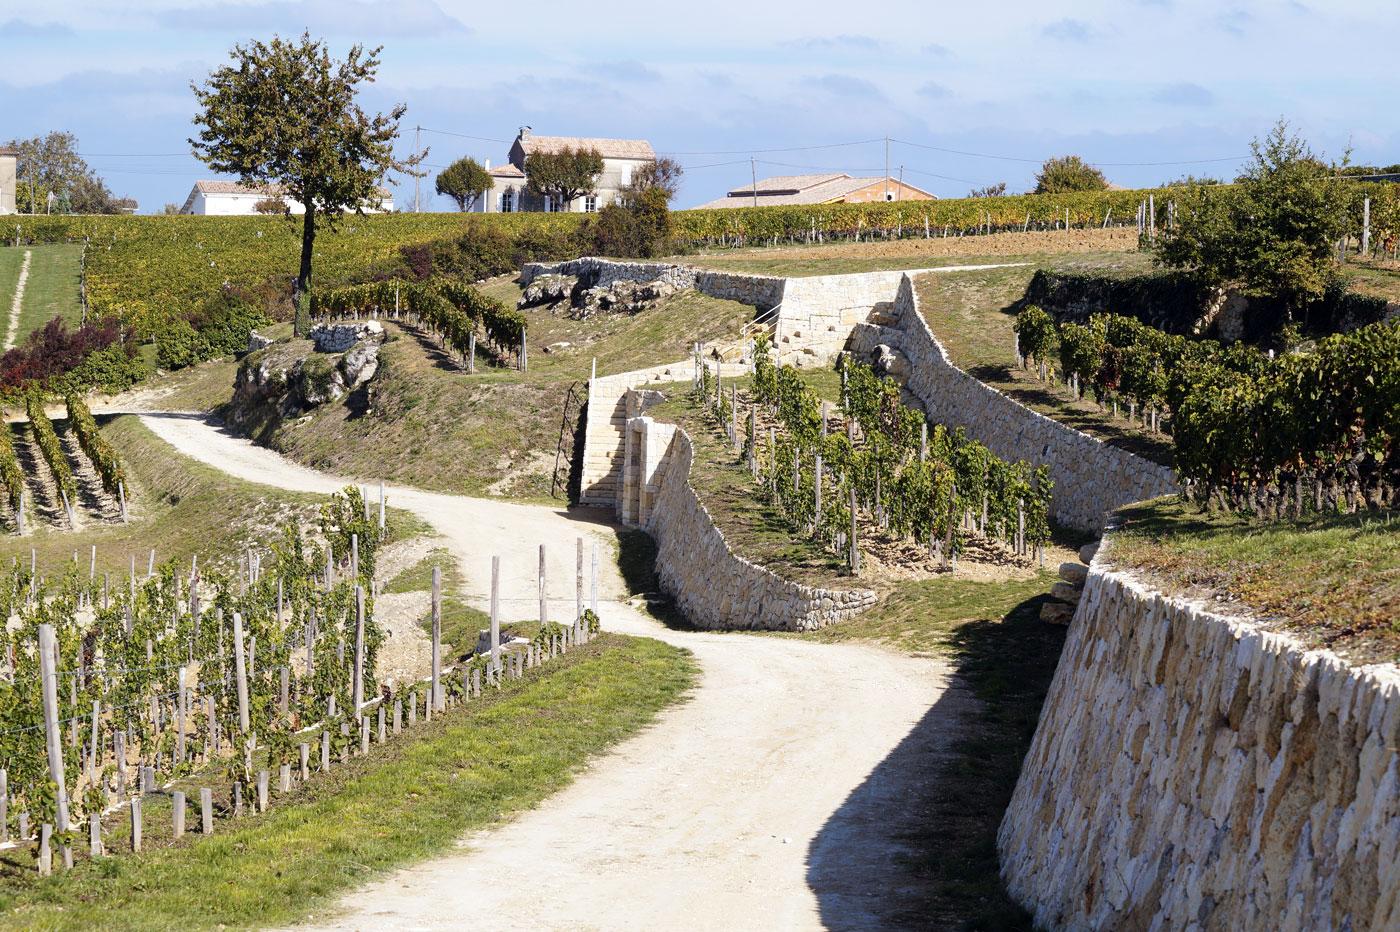 Paysage viticole et murs de pierre à Saint-Émilion